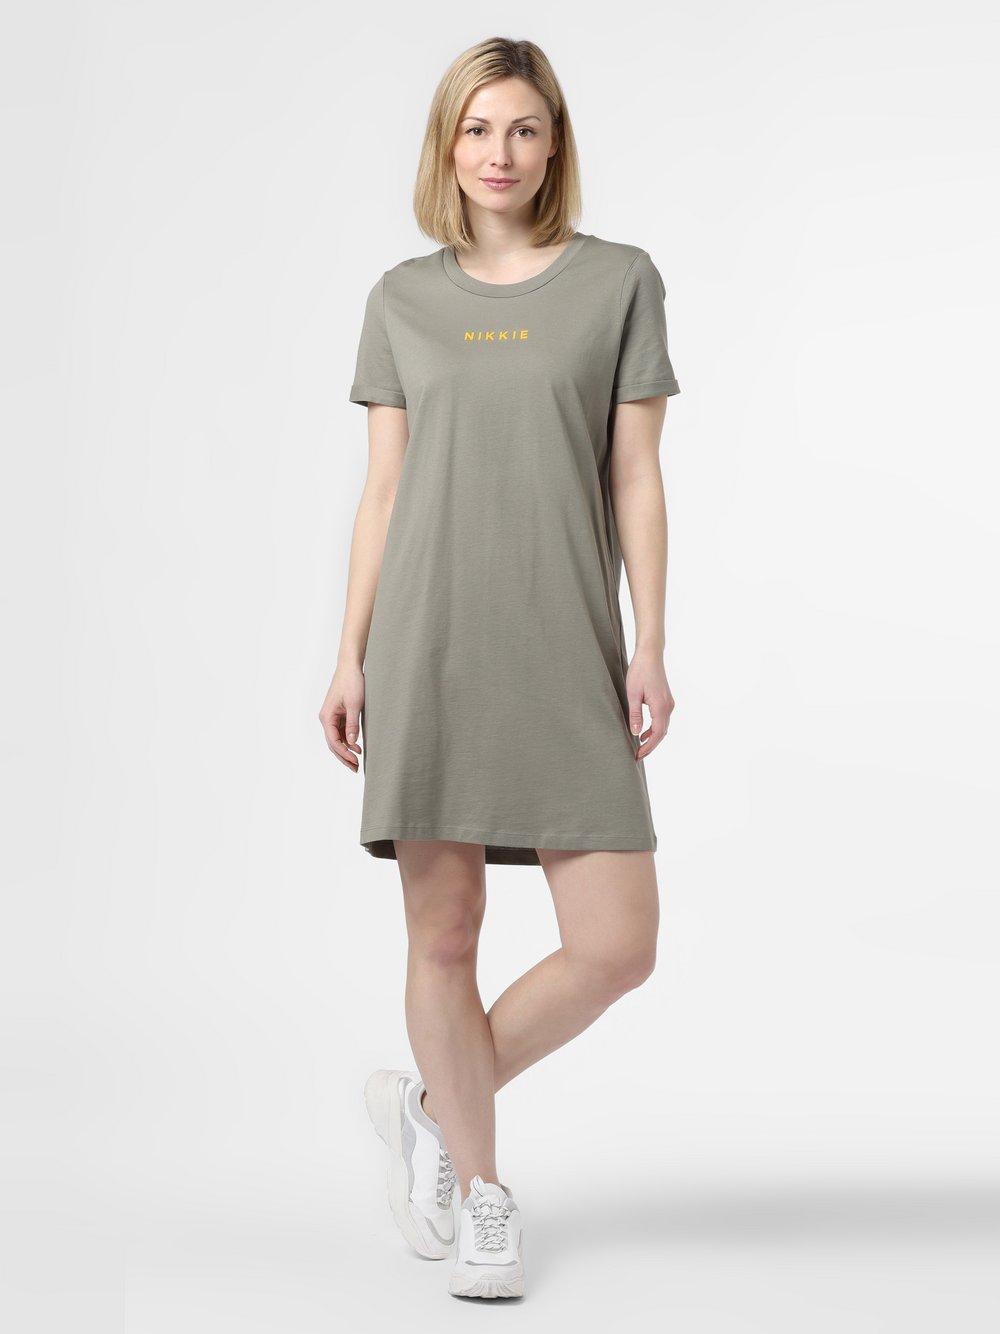 NIKKIE – Sukienka damska – Nikkie, zielony Van Graaf 465089-0001-00380